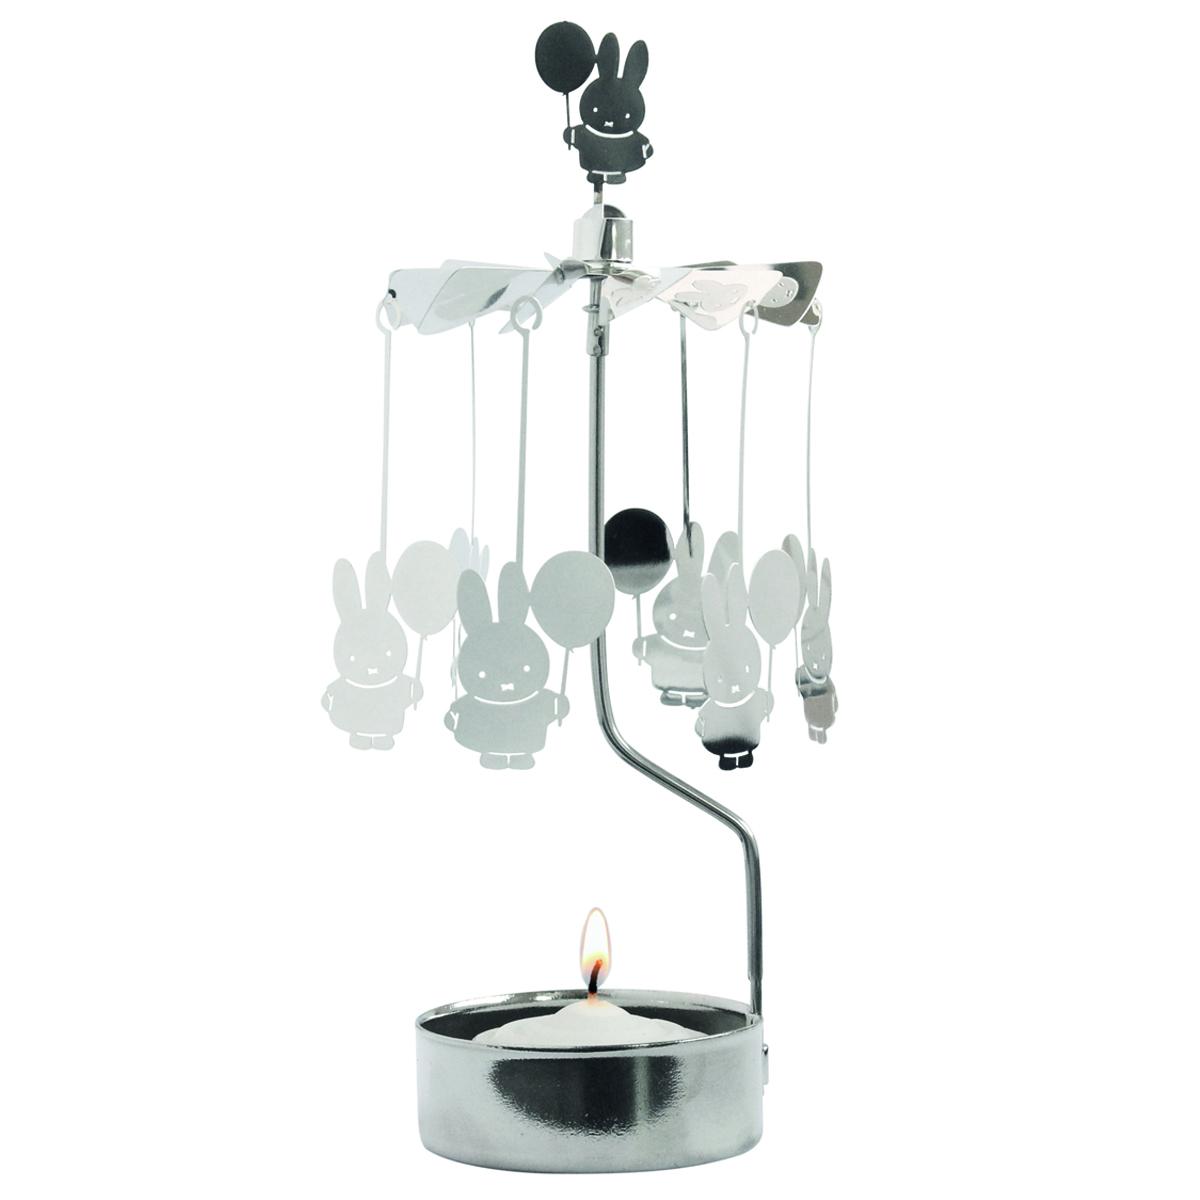 Bougeoir carrousel métal \'Miffy\' argenté (ballon) - 16x65 cm - [R0563]